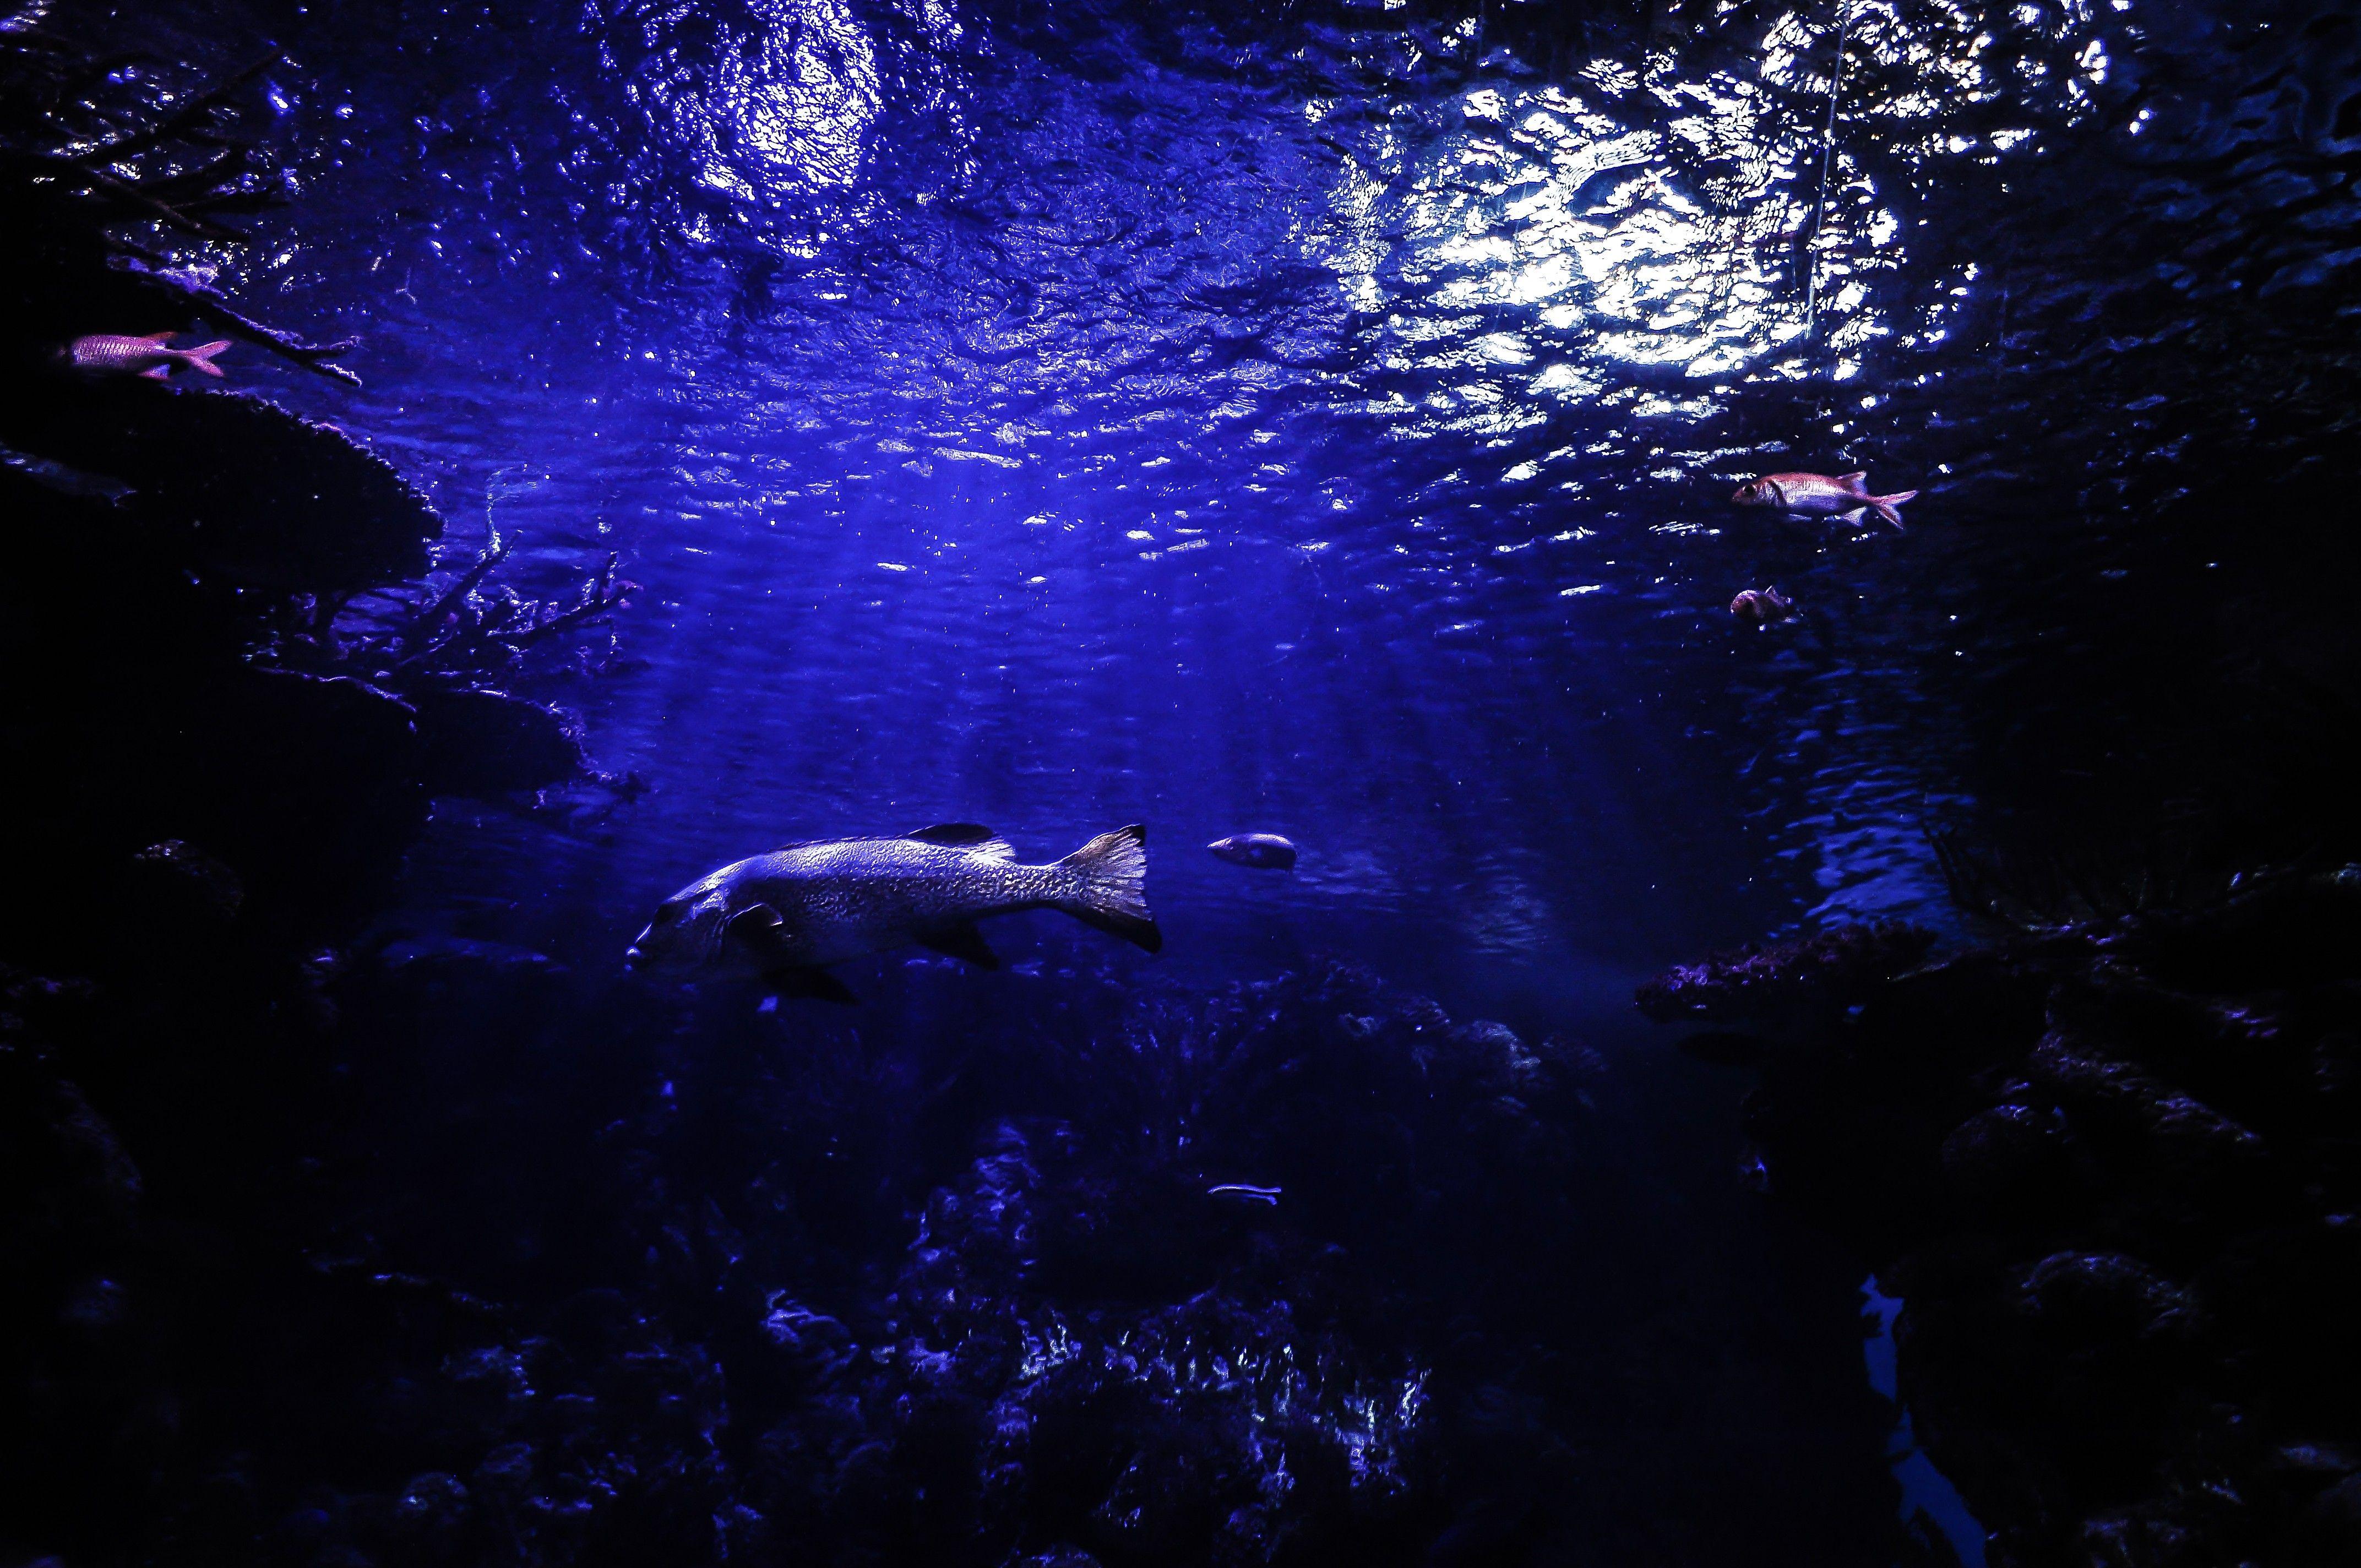 scuba diver aquarium wallpaper download free hd quality | hd